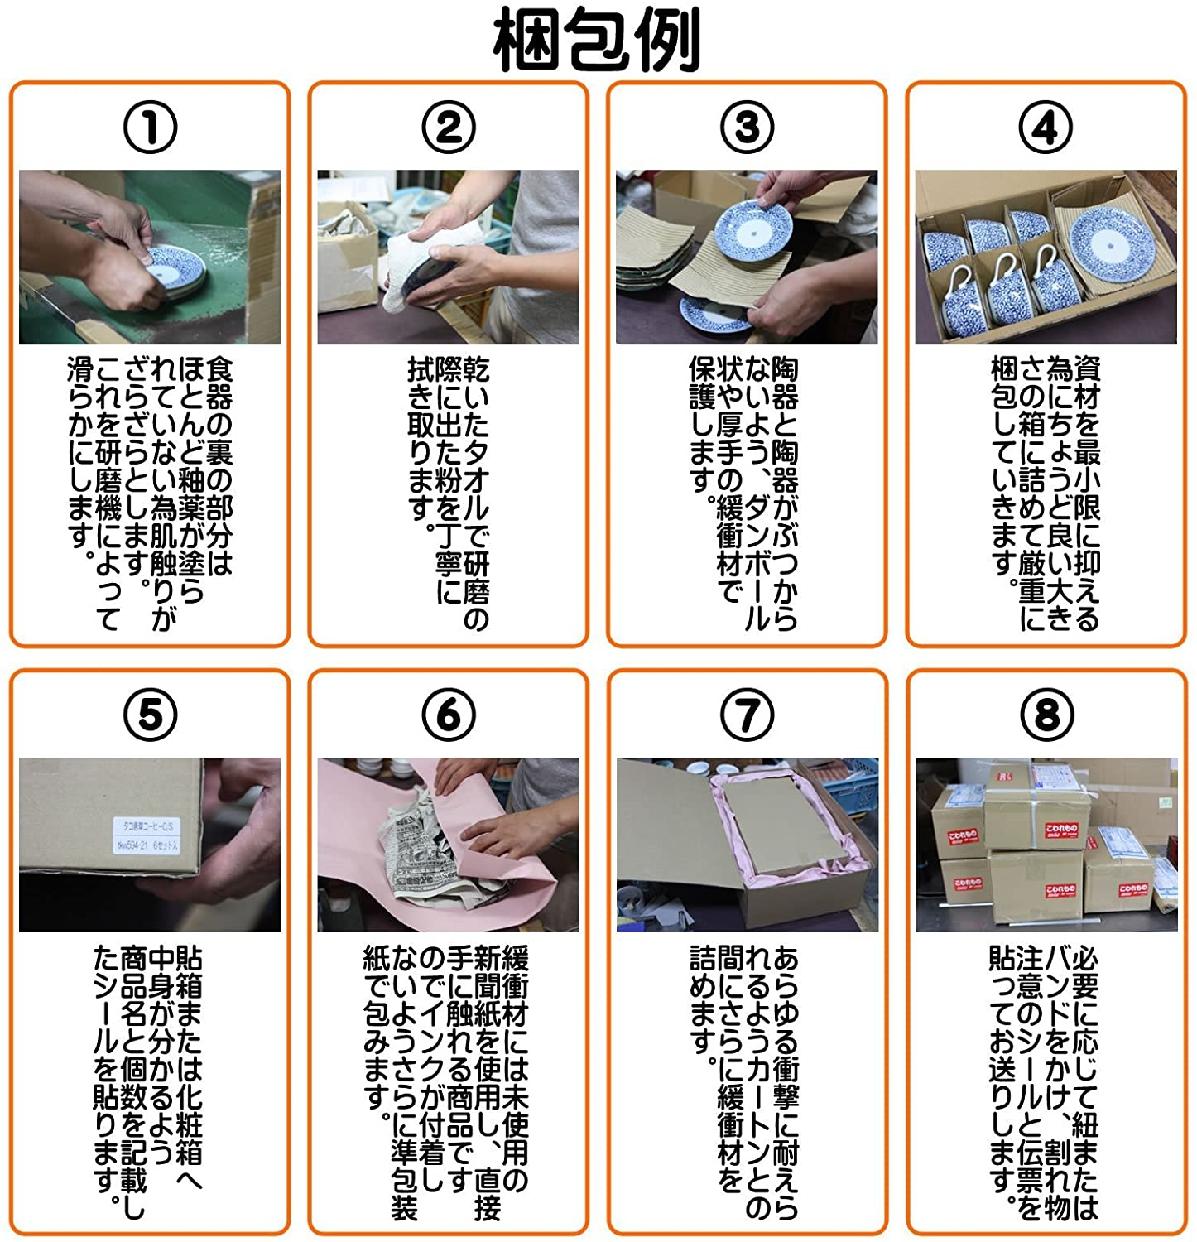 せともの本舗 D.X角ちらし桶 梨地赤松  (7-465-3)の商品画像2